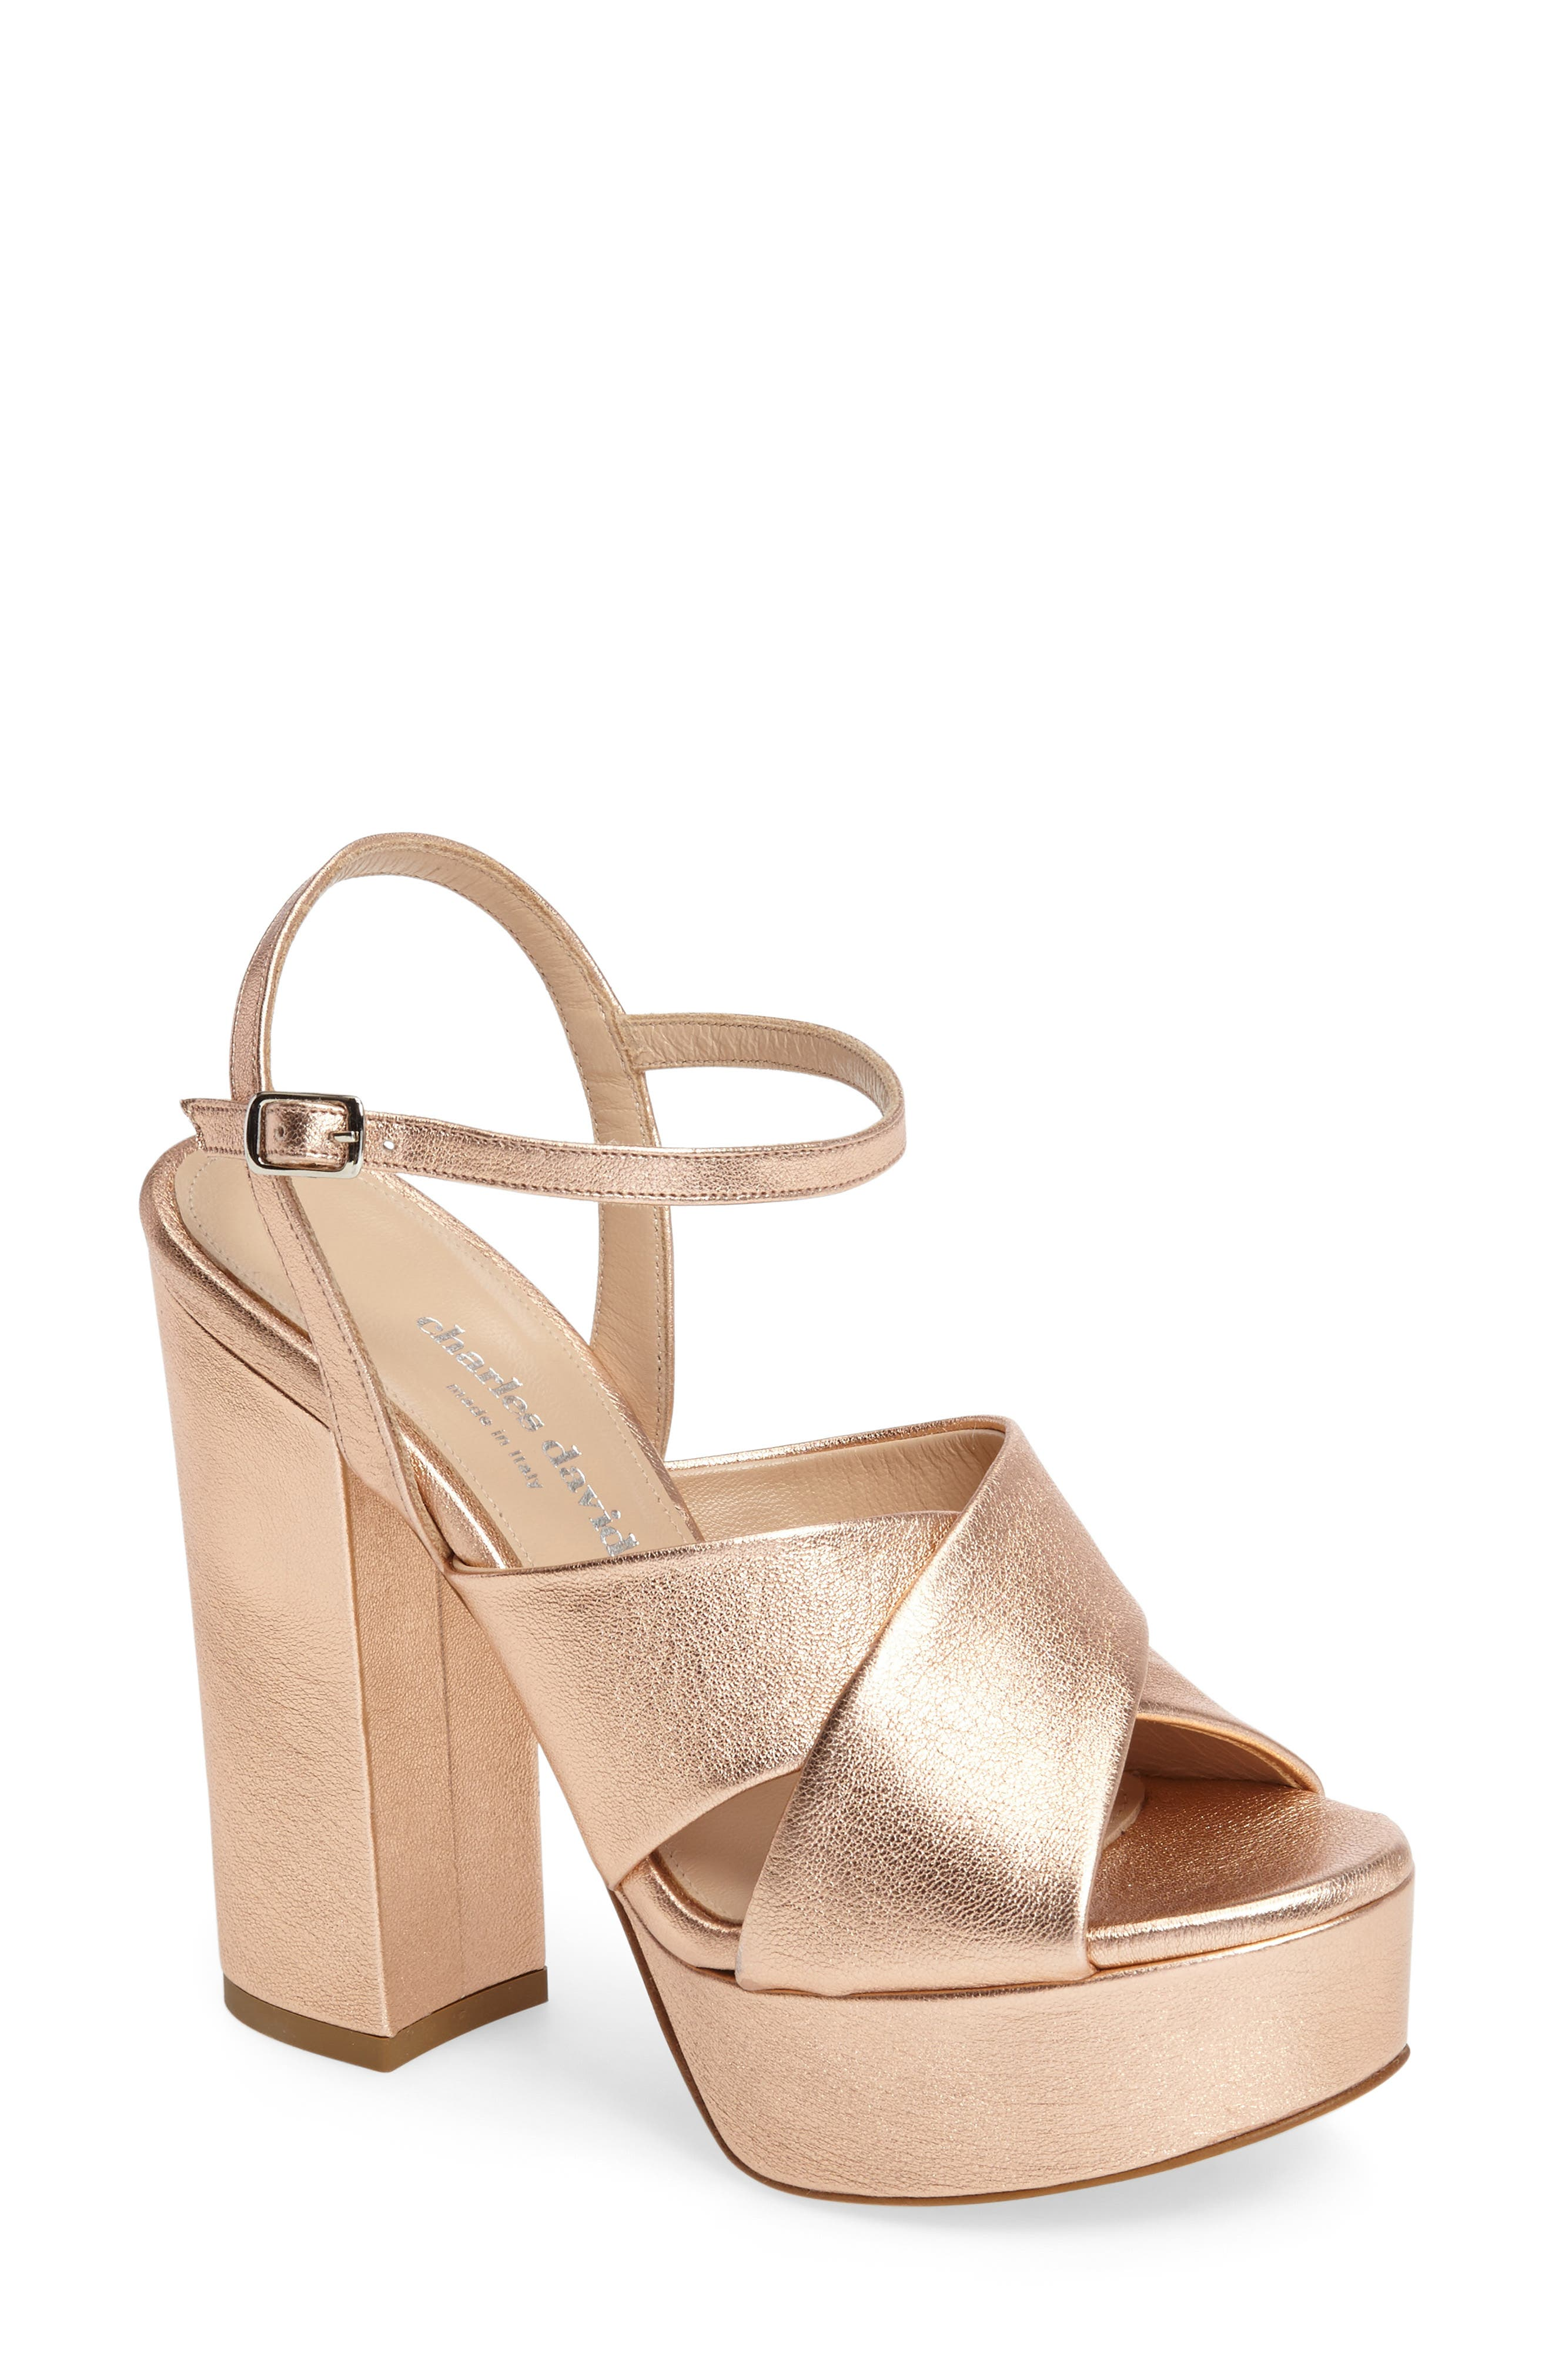 CHARLES DAVID Rima Platform Sandal